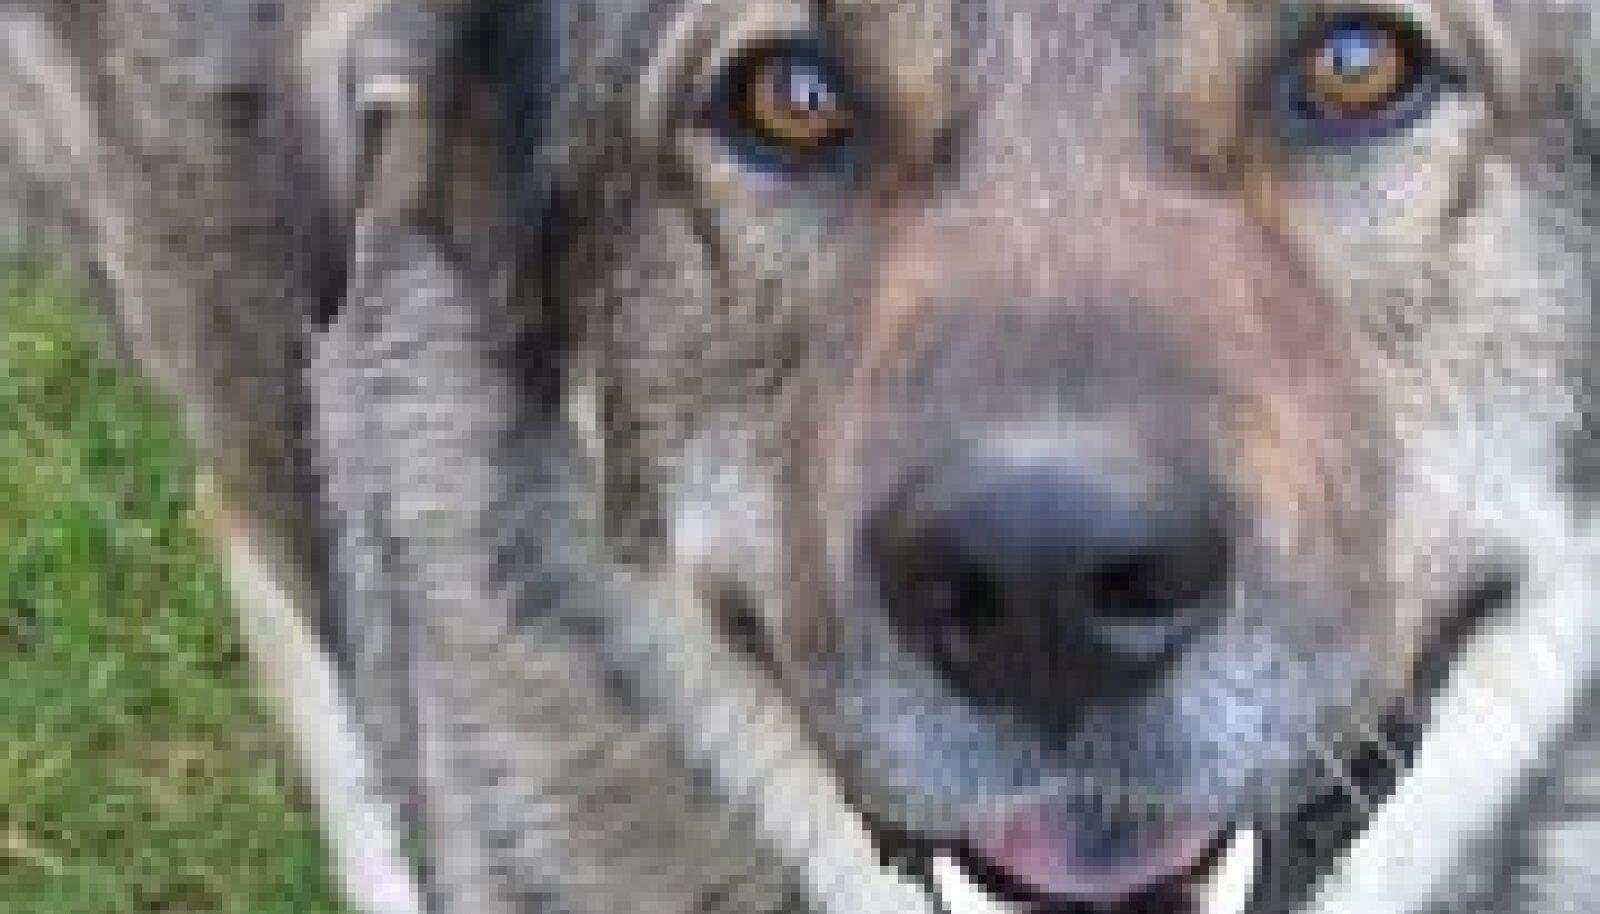 Pildil olev koer pole looga seotud